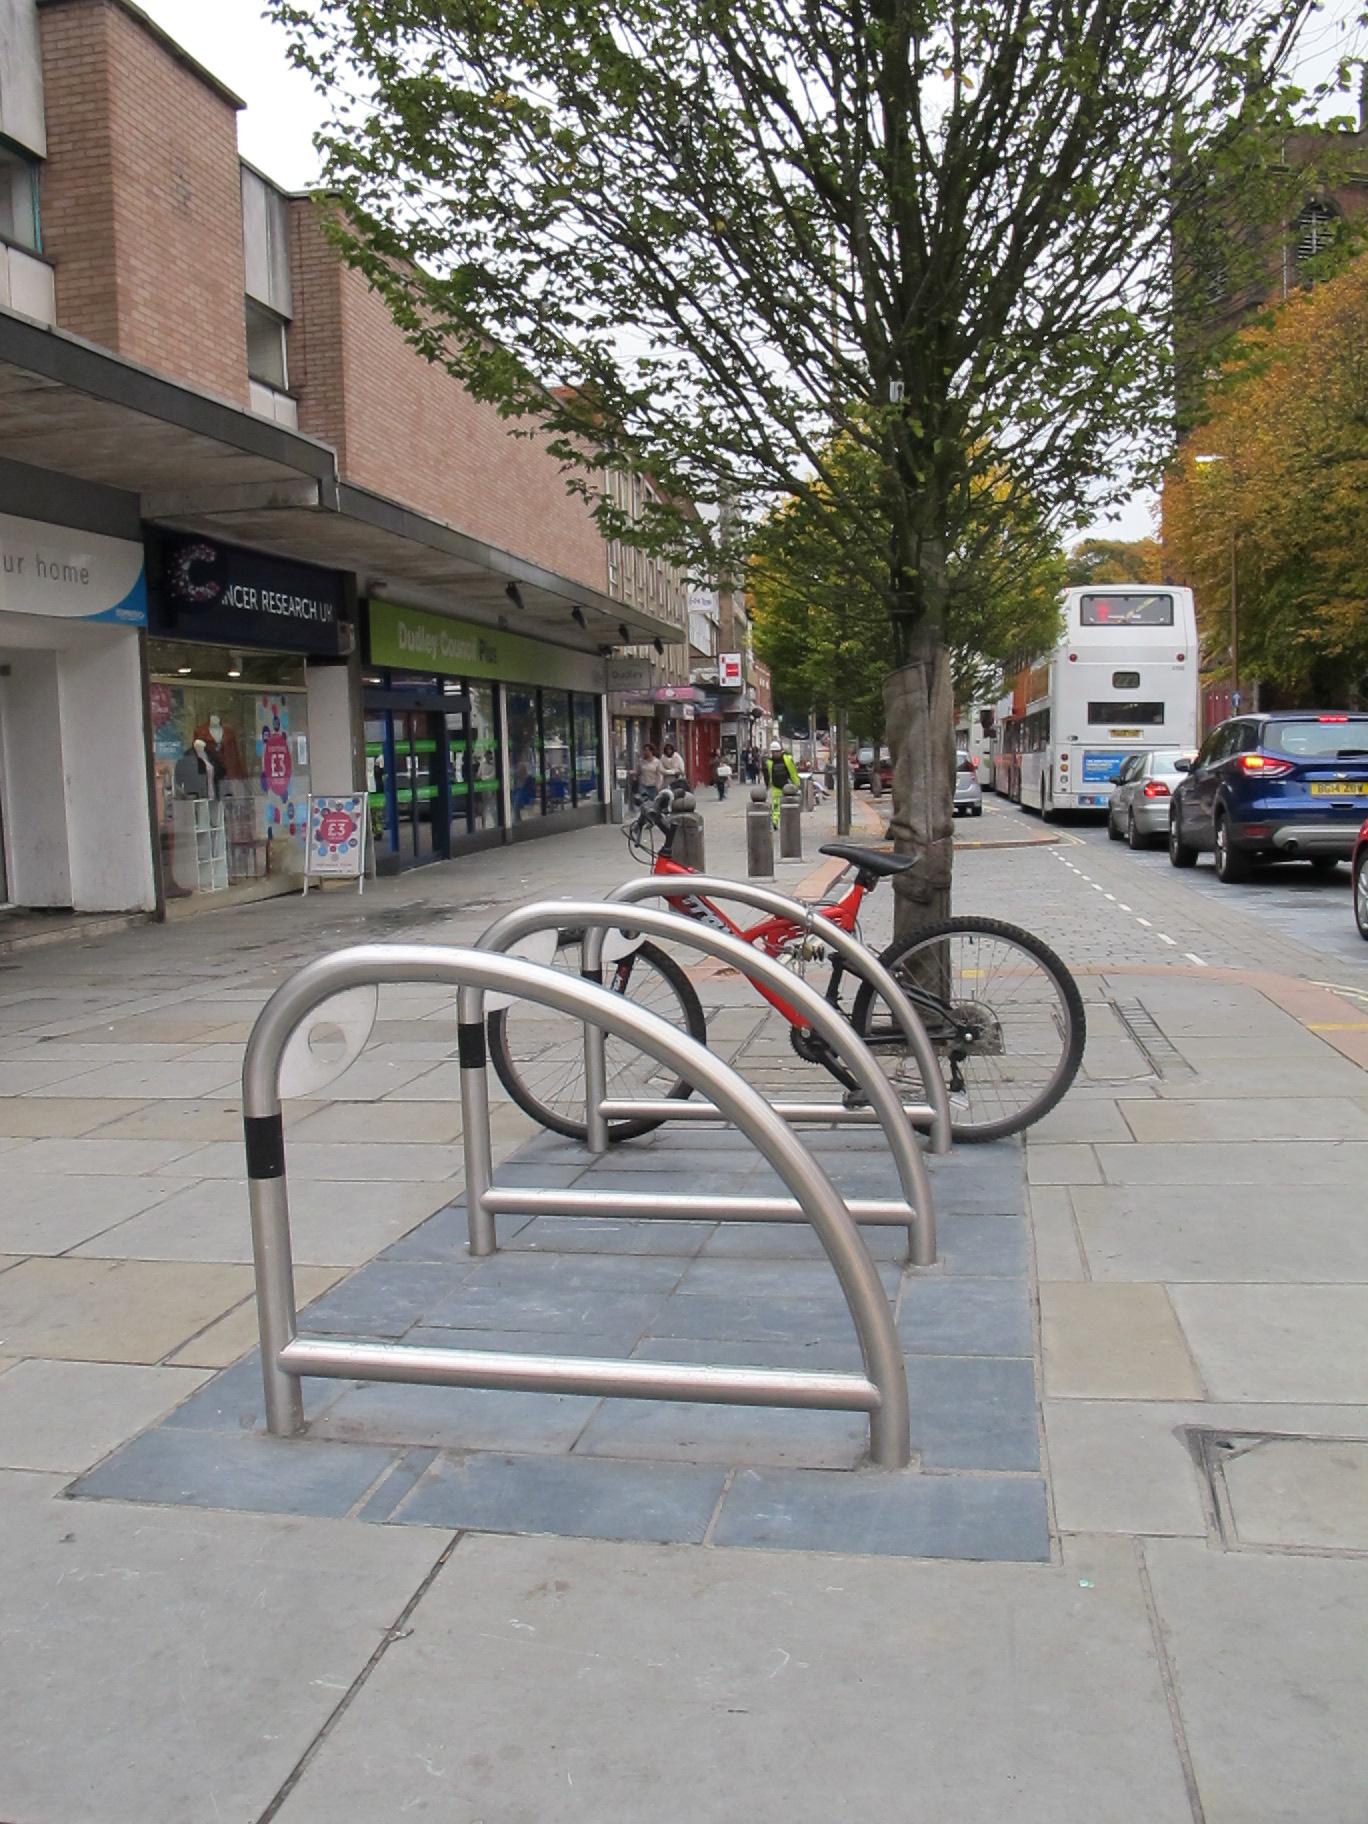 Sykkelparkering Furnitubes